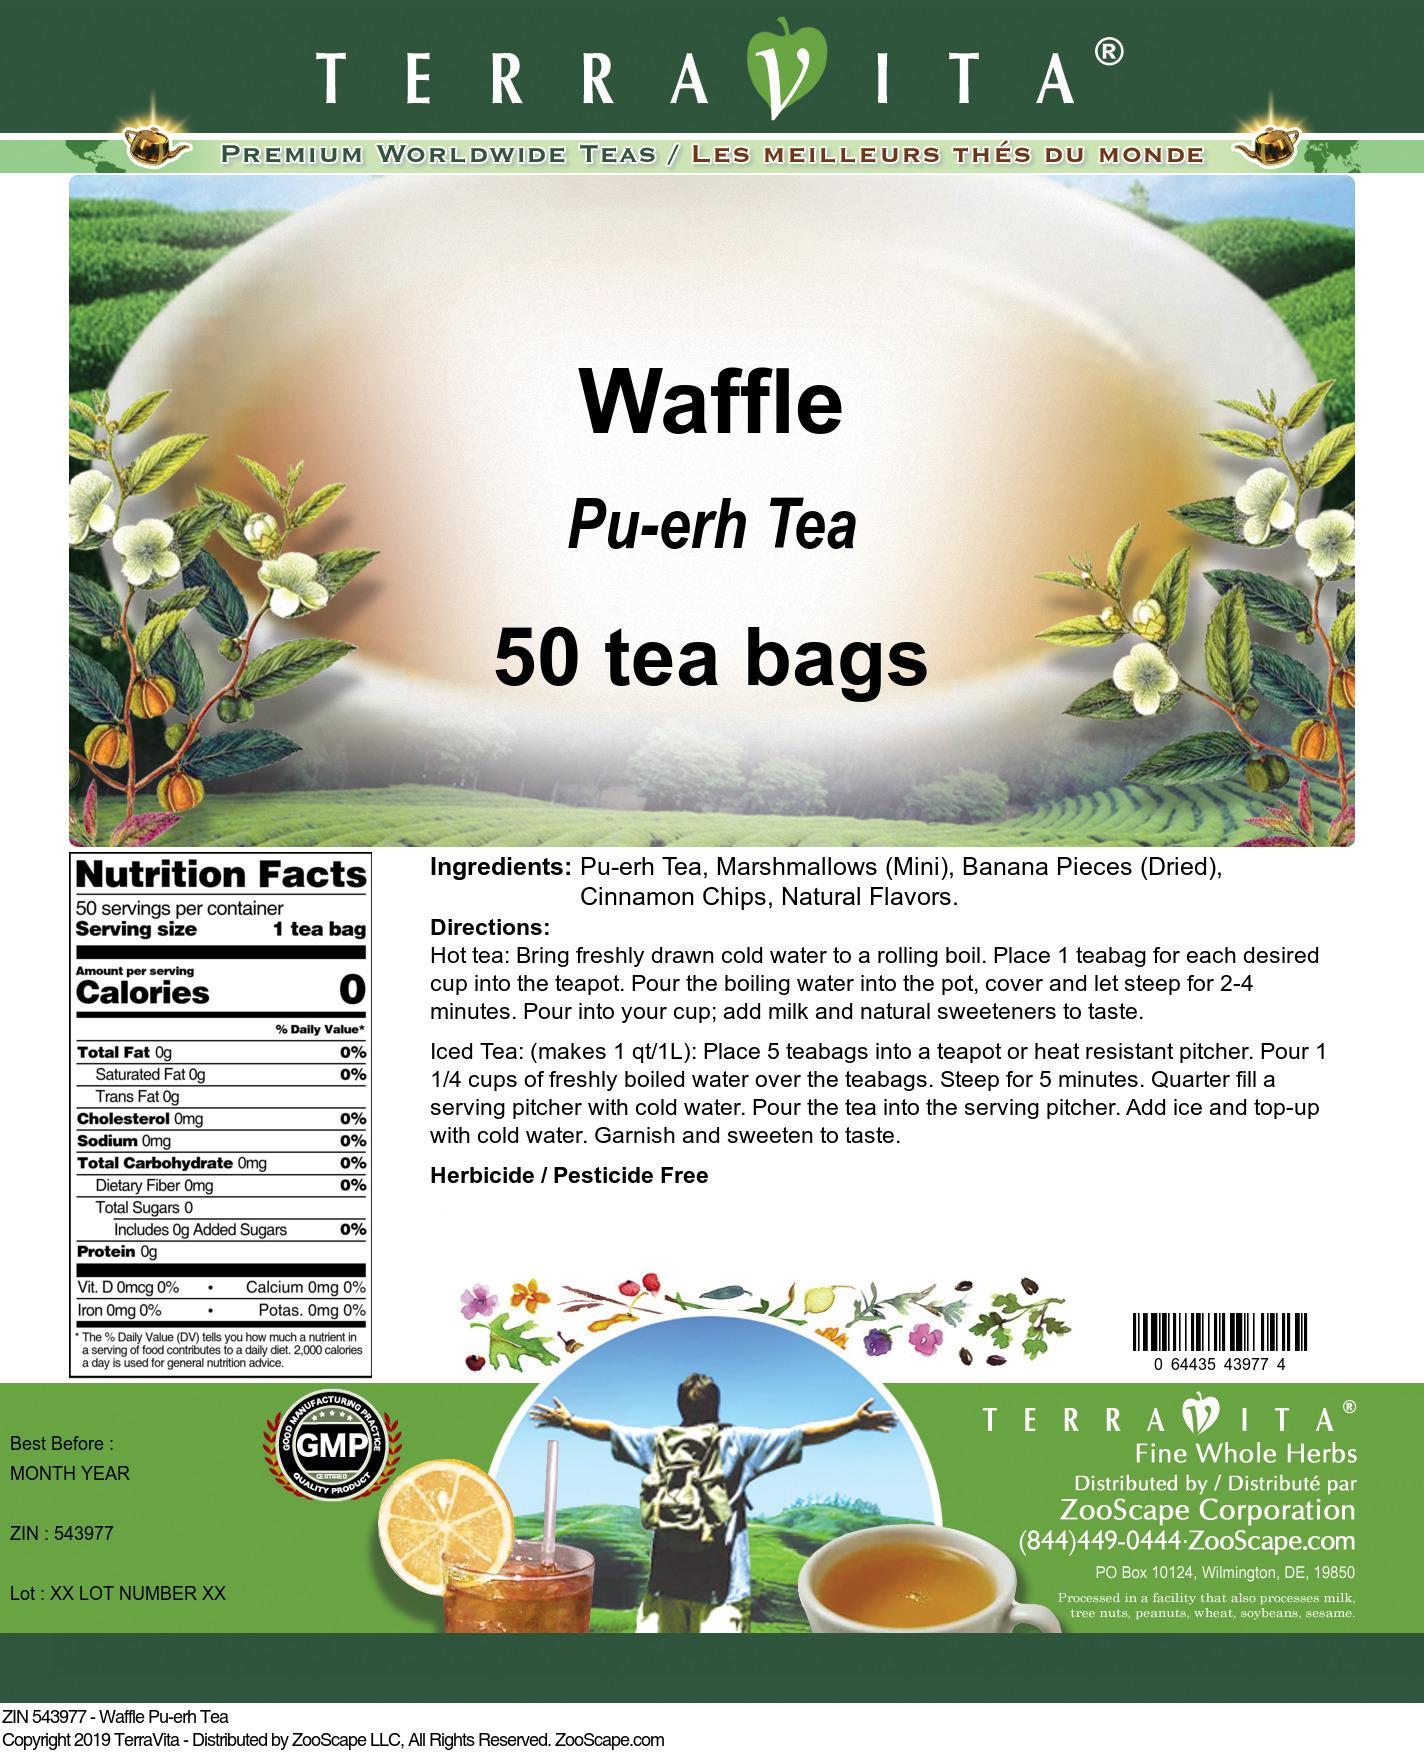 Waffle Pu-erh Tea